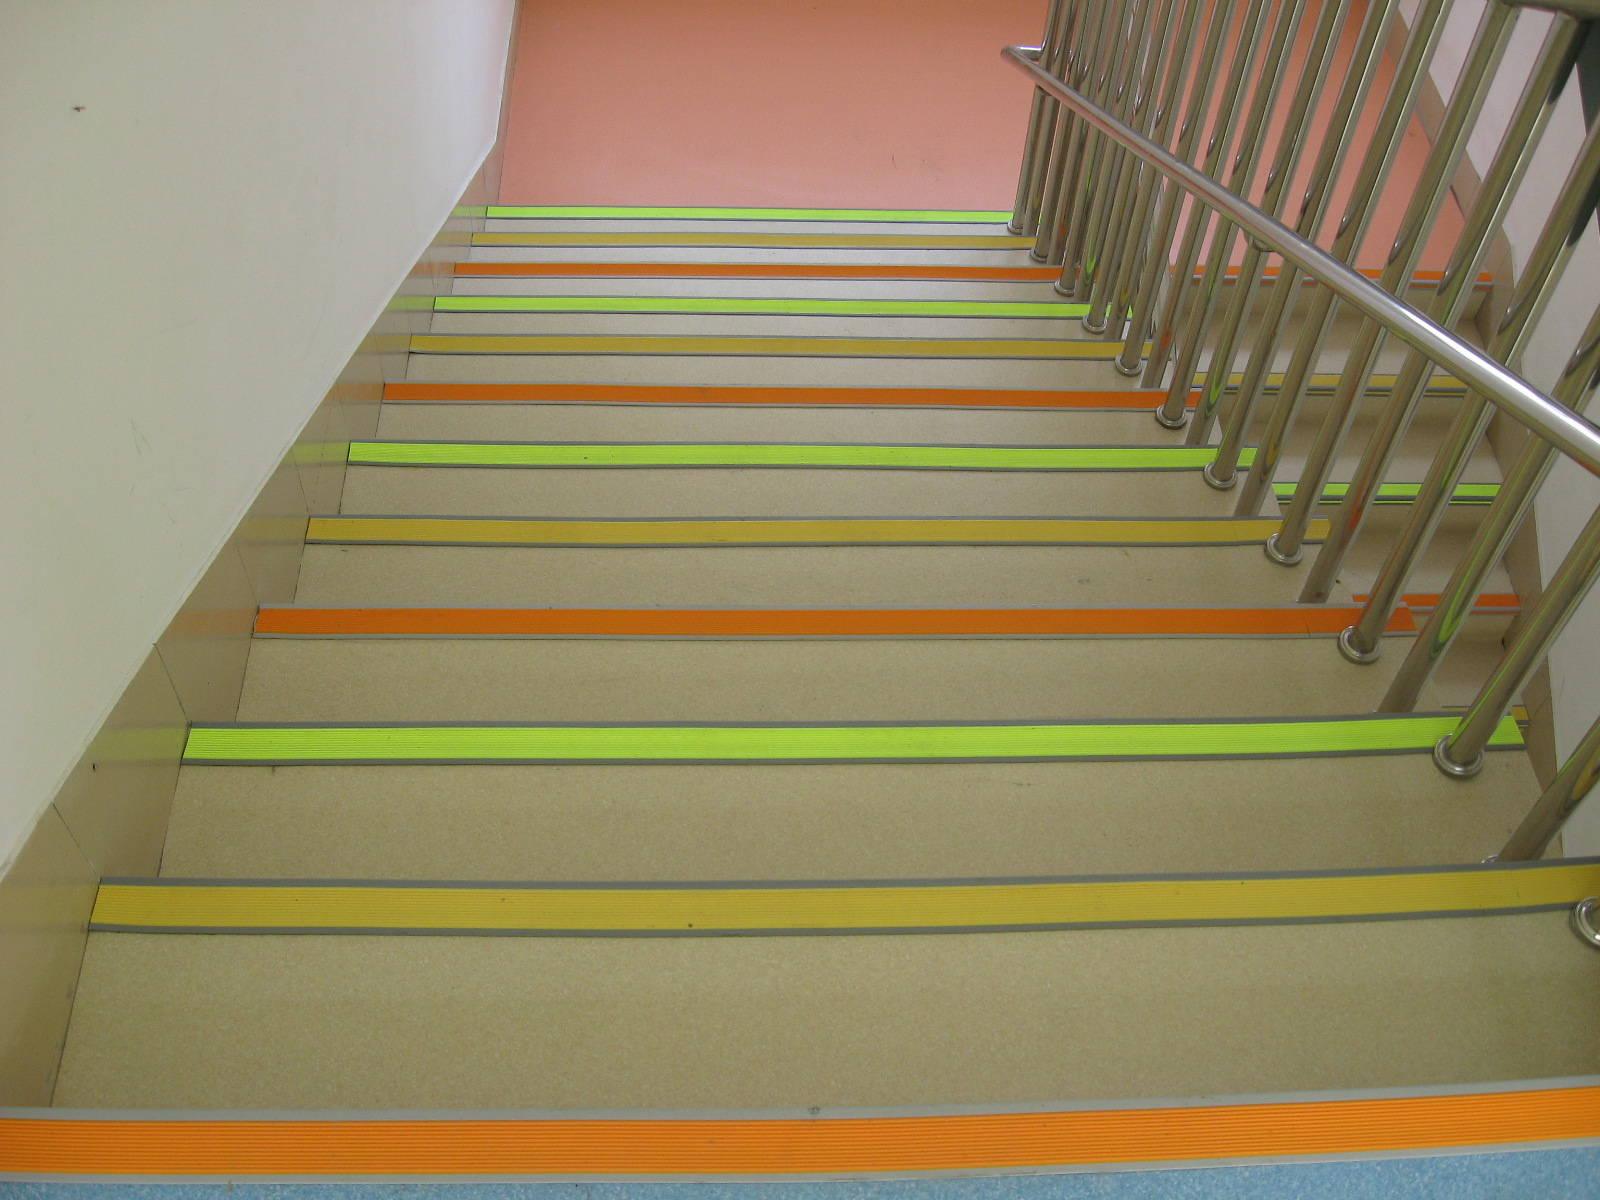 日照幼儿园塑胶地板